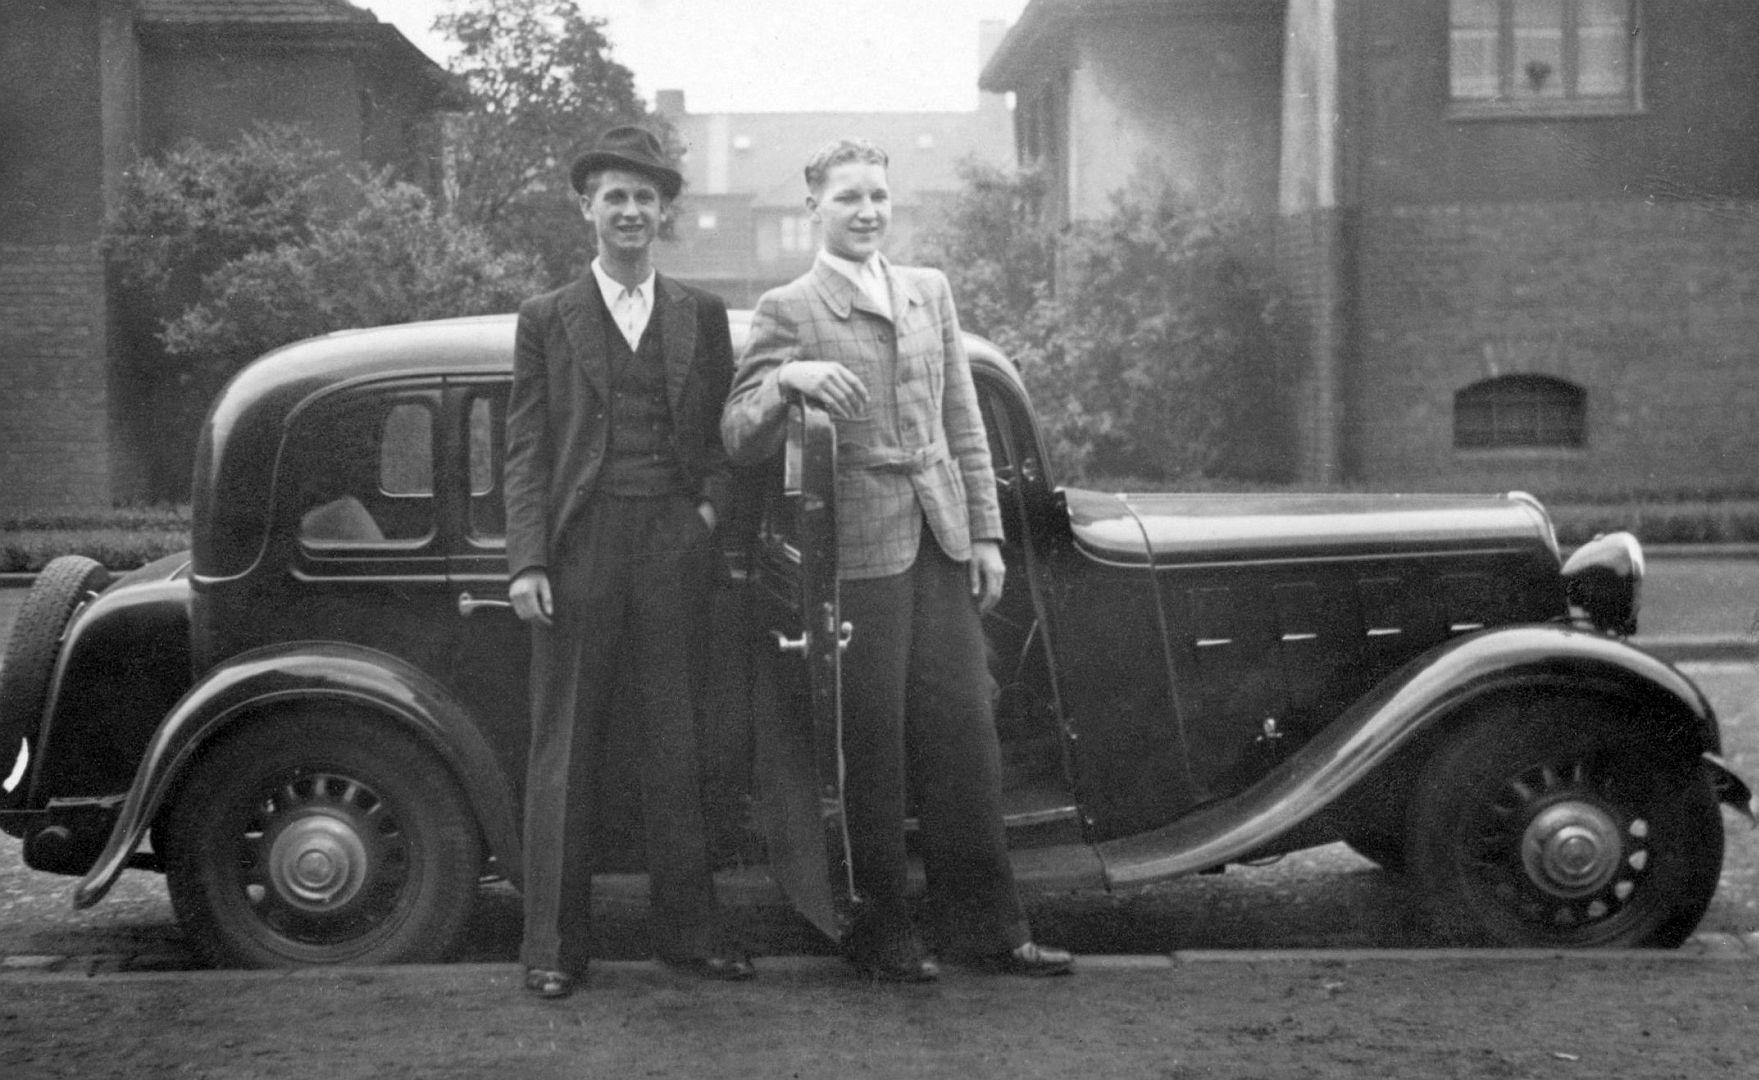 Hanomag_Rekord_6-Fenster_um_1938_Hochzeitstag_mit Bruder_Galerie